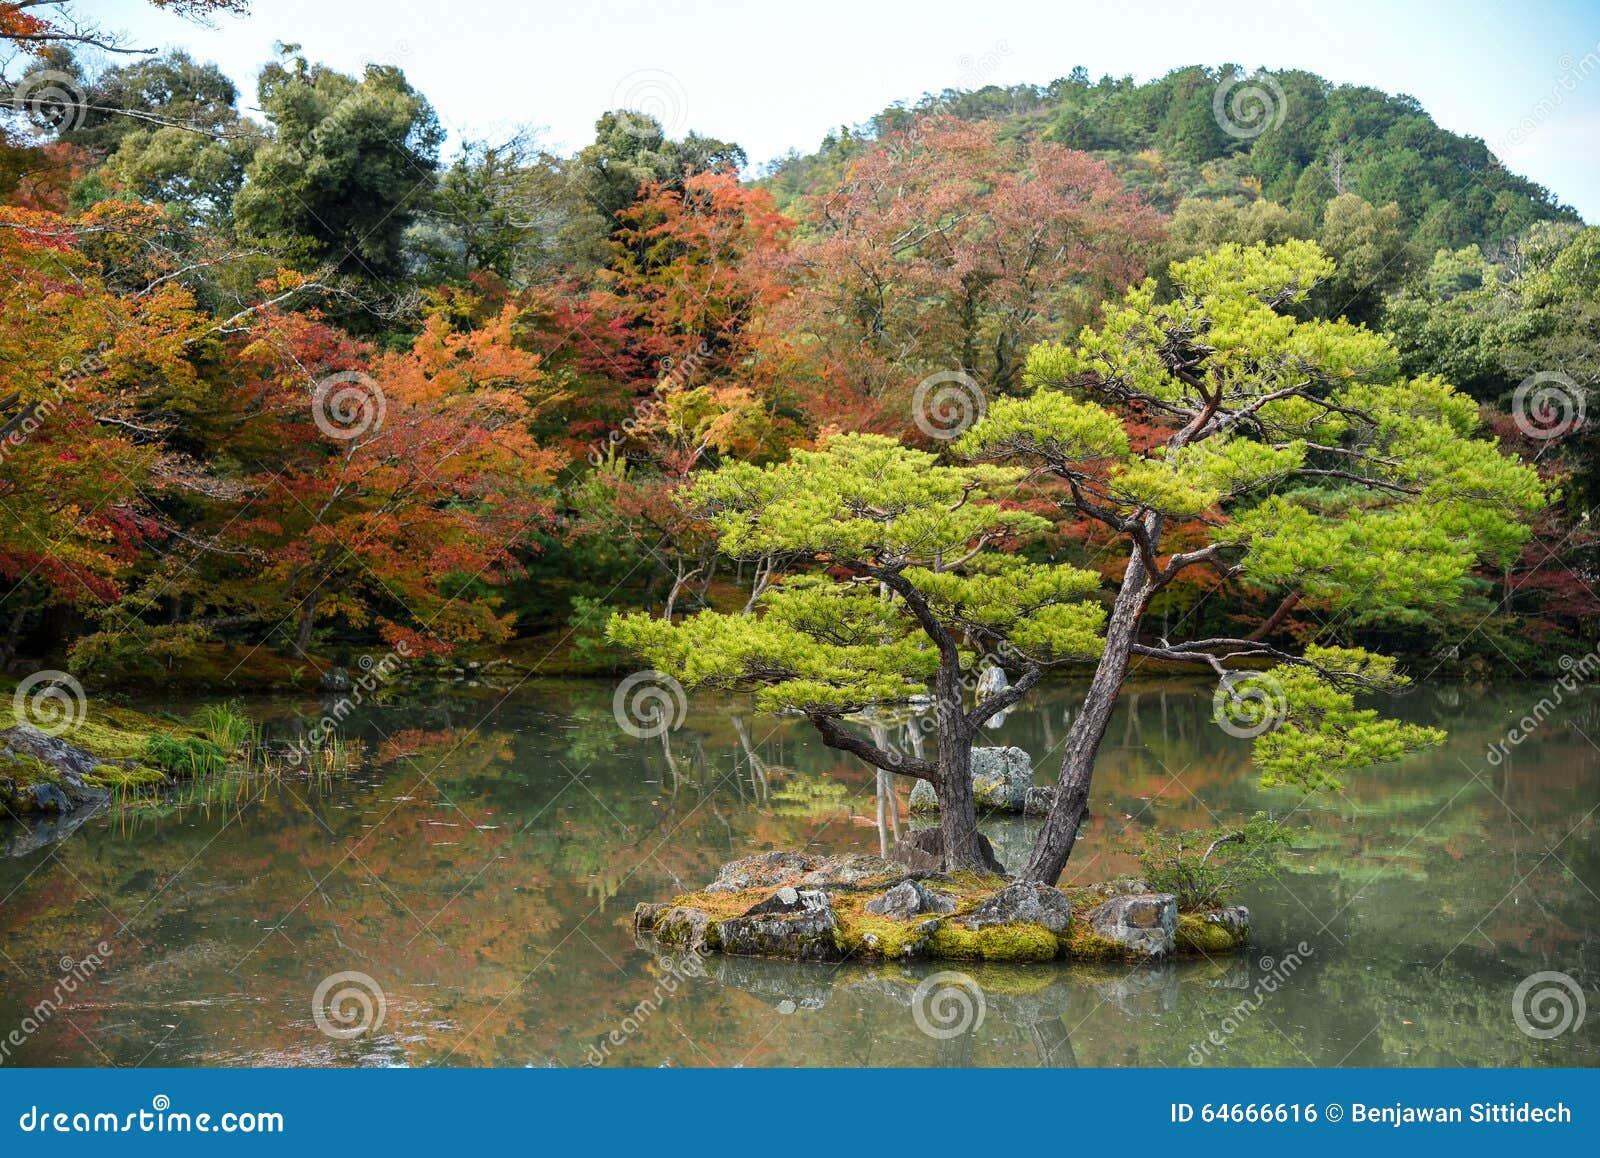 Beau Jardin Japonais En Automne Du Japon Photo Stock Image Du